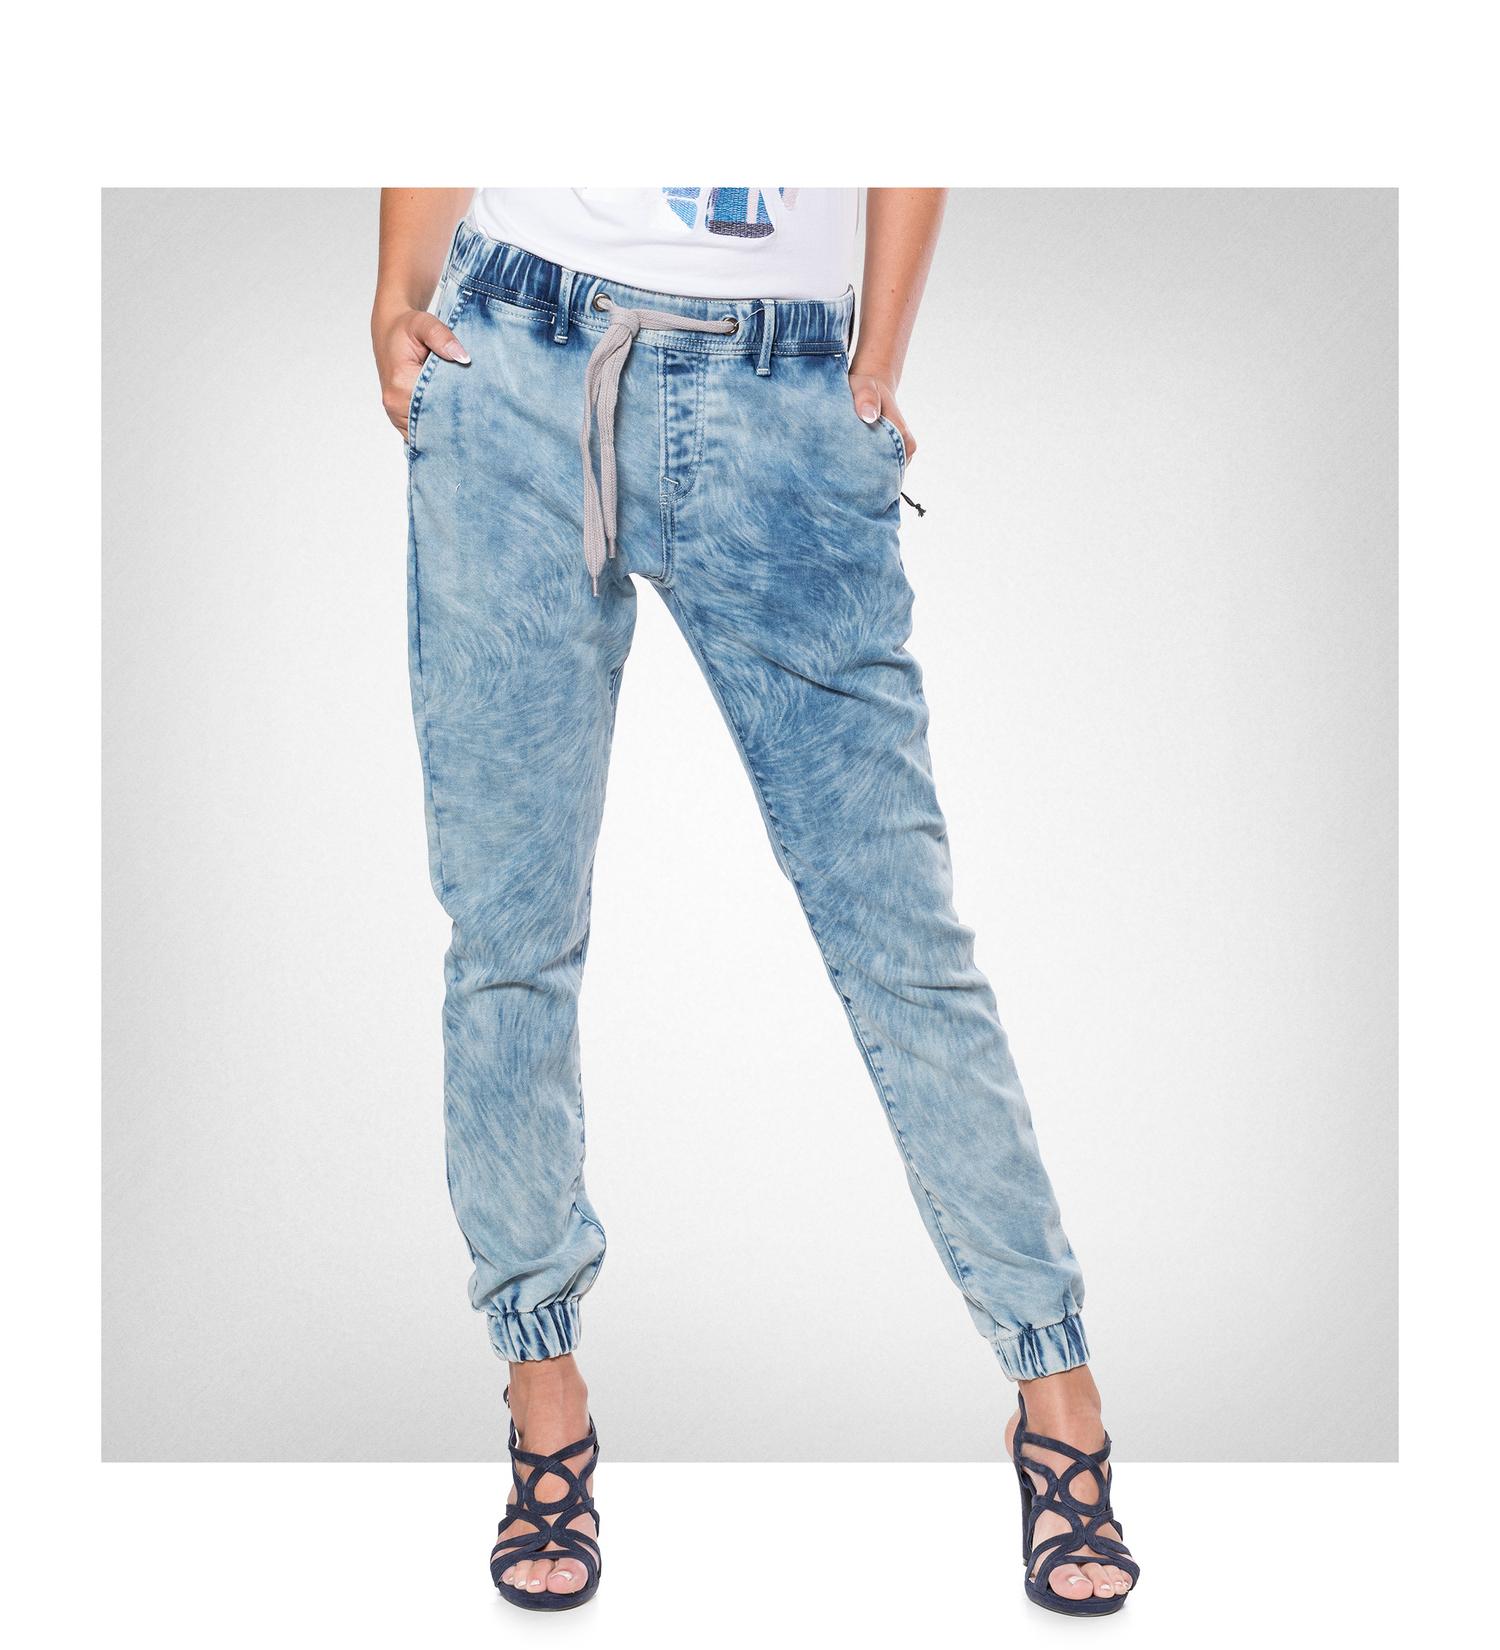 Levi's Jeans Lee S32 Pl201692s32 Cosie Pepe Wrangler IPxqA4nw